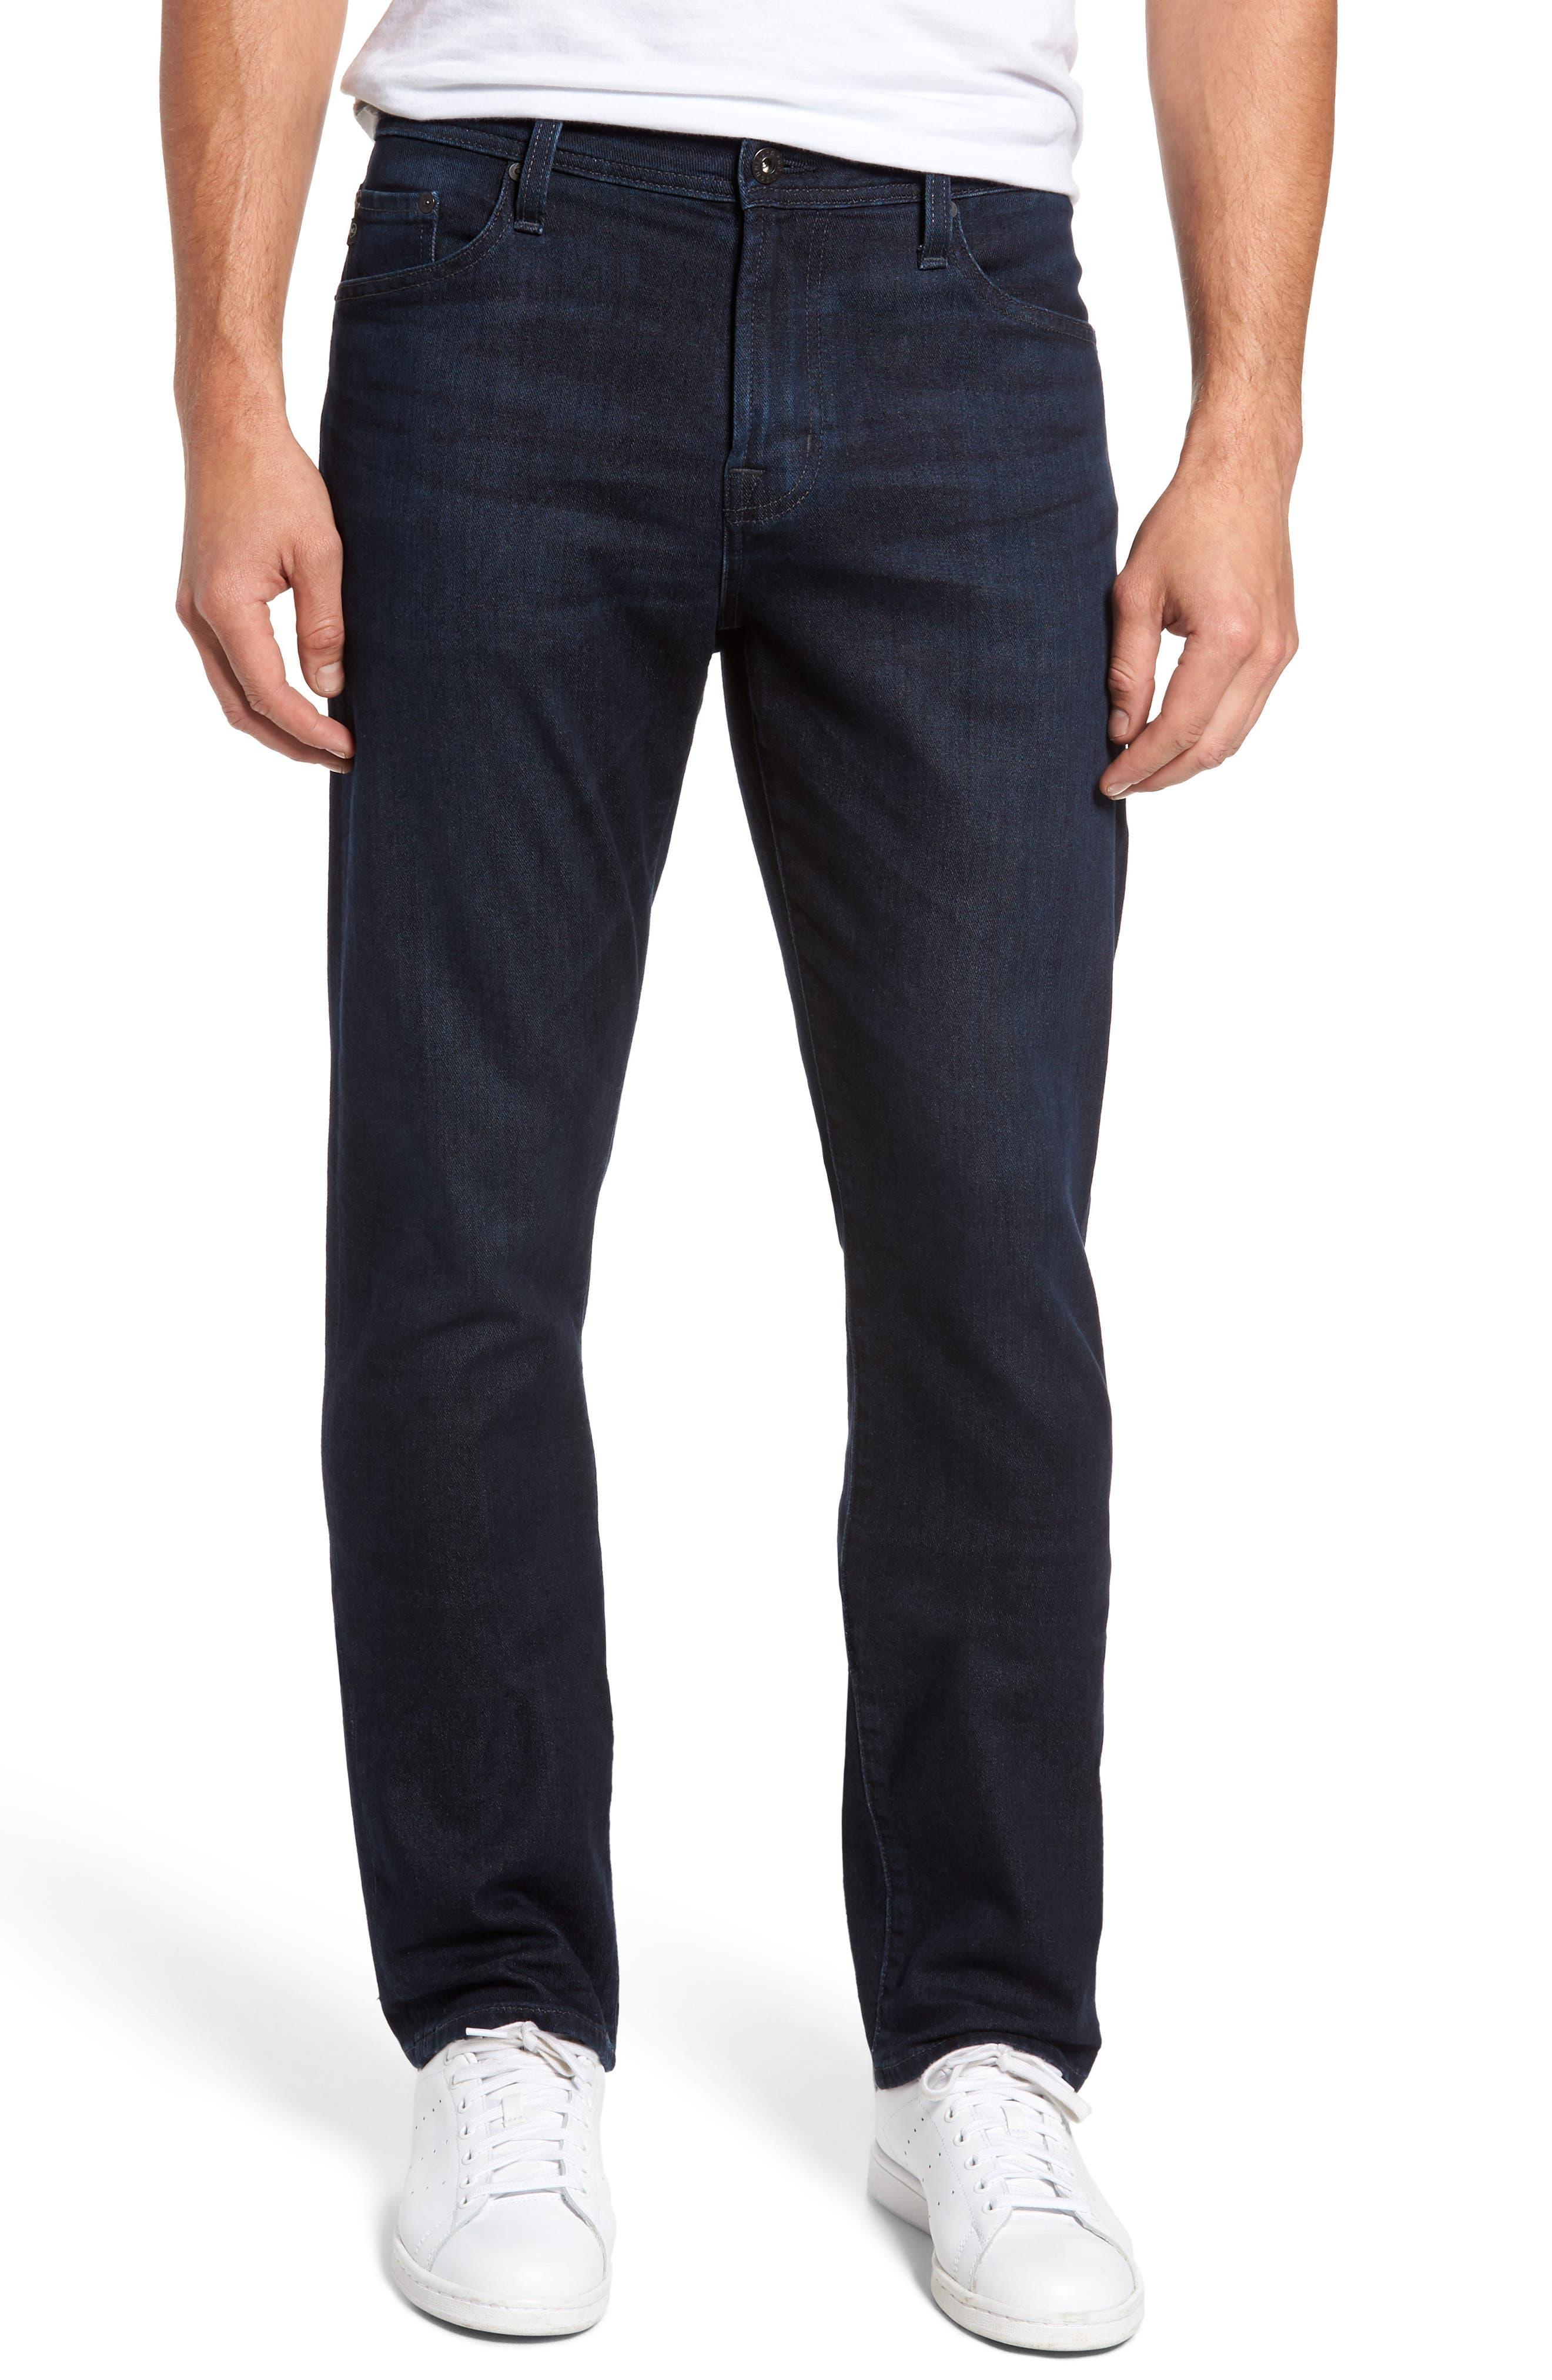 Alternate Image 1 Selected - AG Everett Slim Straight Fit Jeans (Regulator)